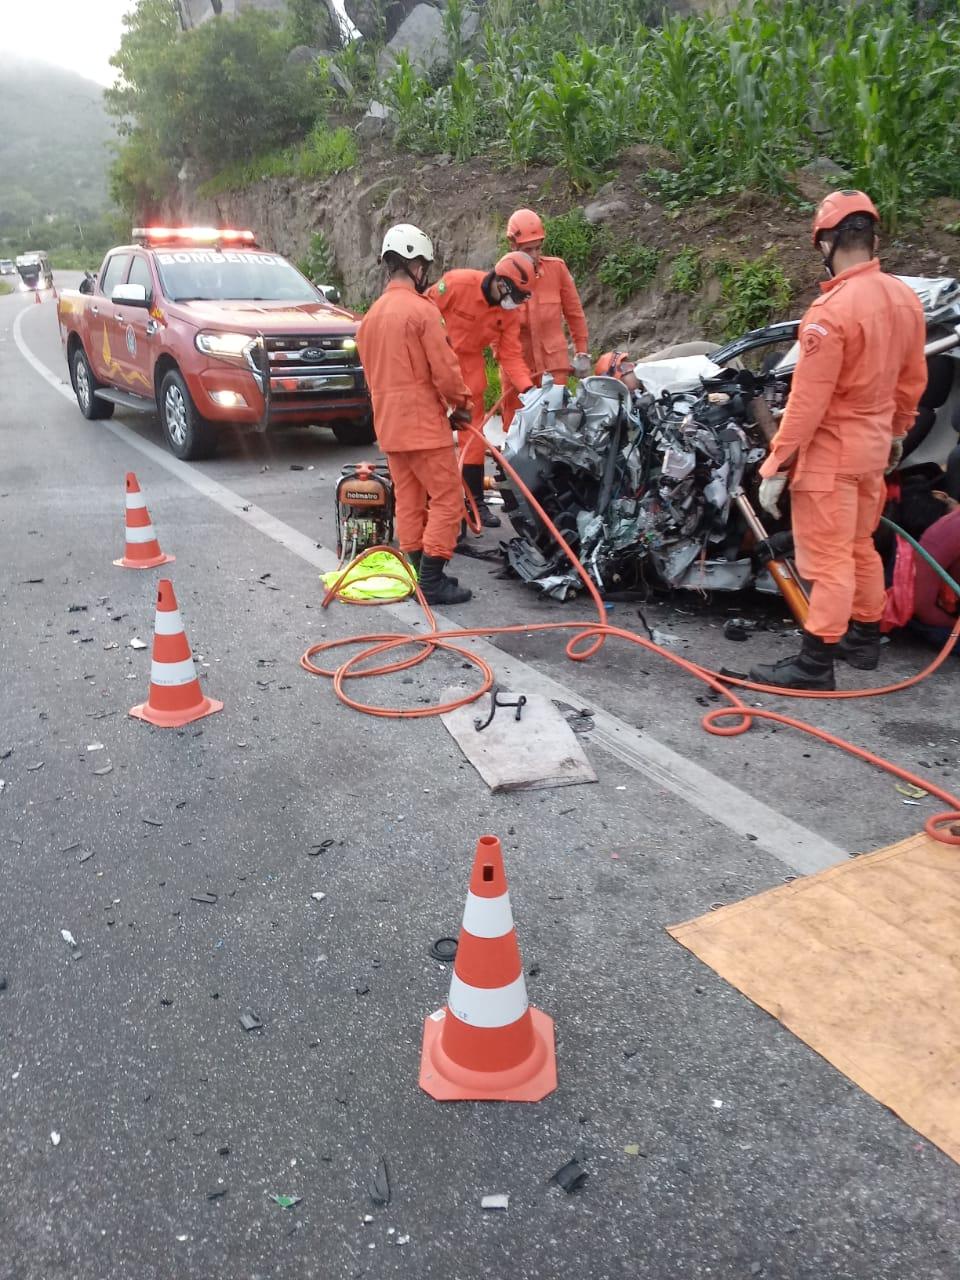 Bombeiros, PRF e SAMU atuam em acidente de trânsito com vítimas presas às ferragens, na BR 222